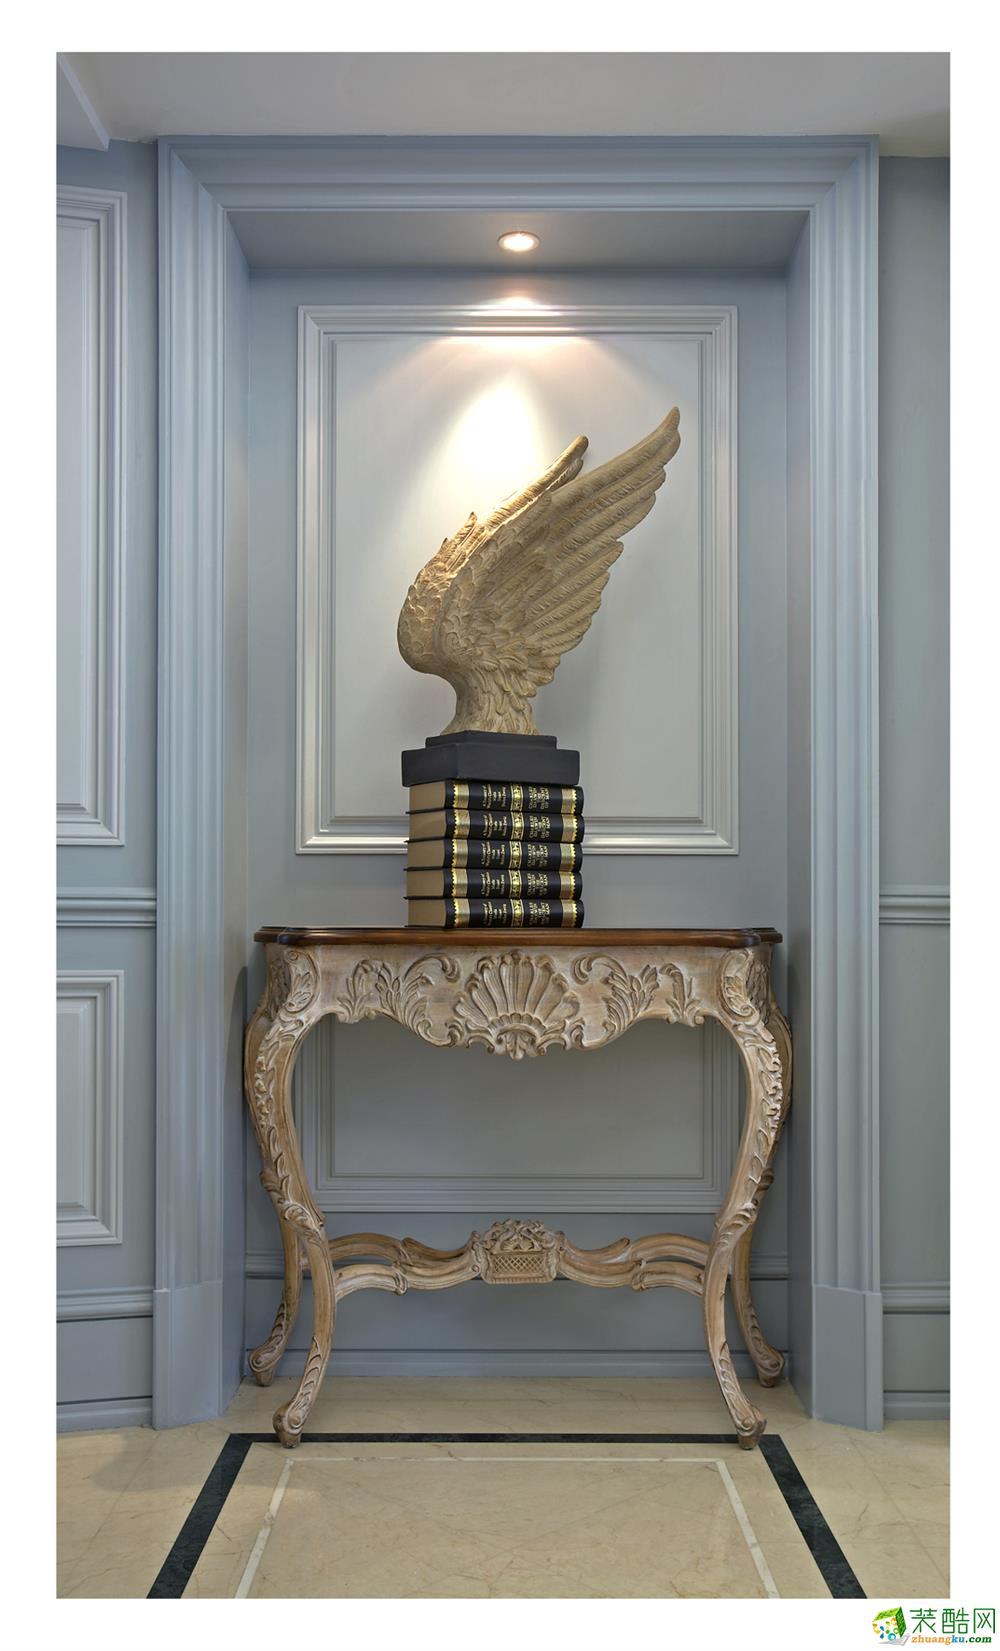 软装饰 美式古典风格装修效果图欣赏 美式古典风格